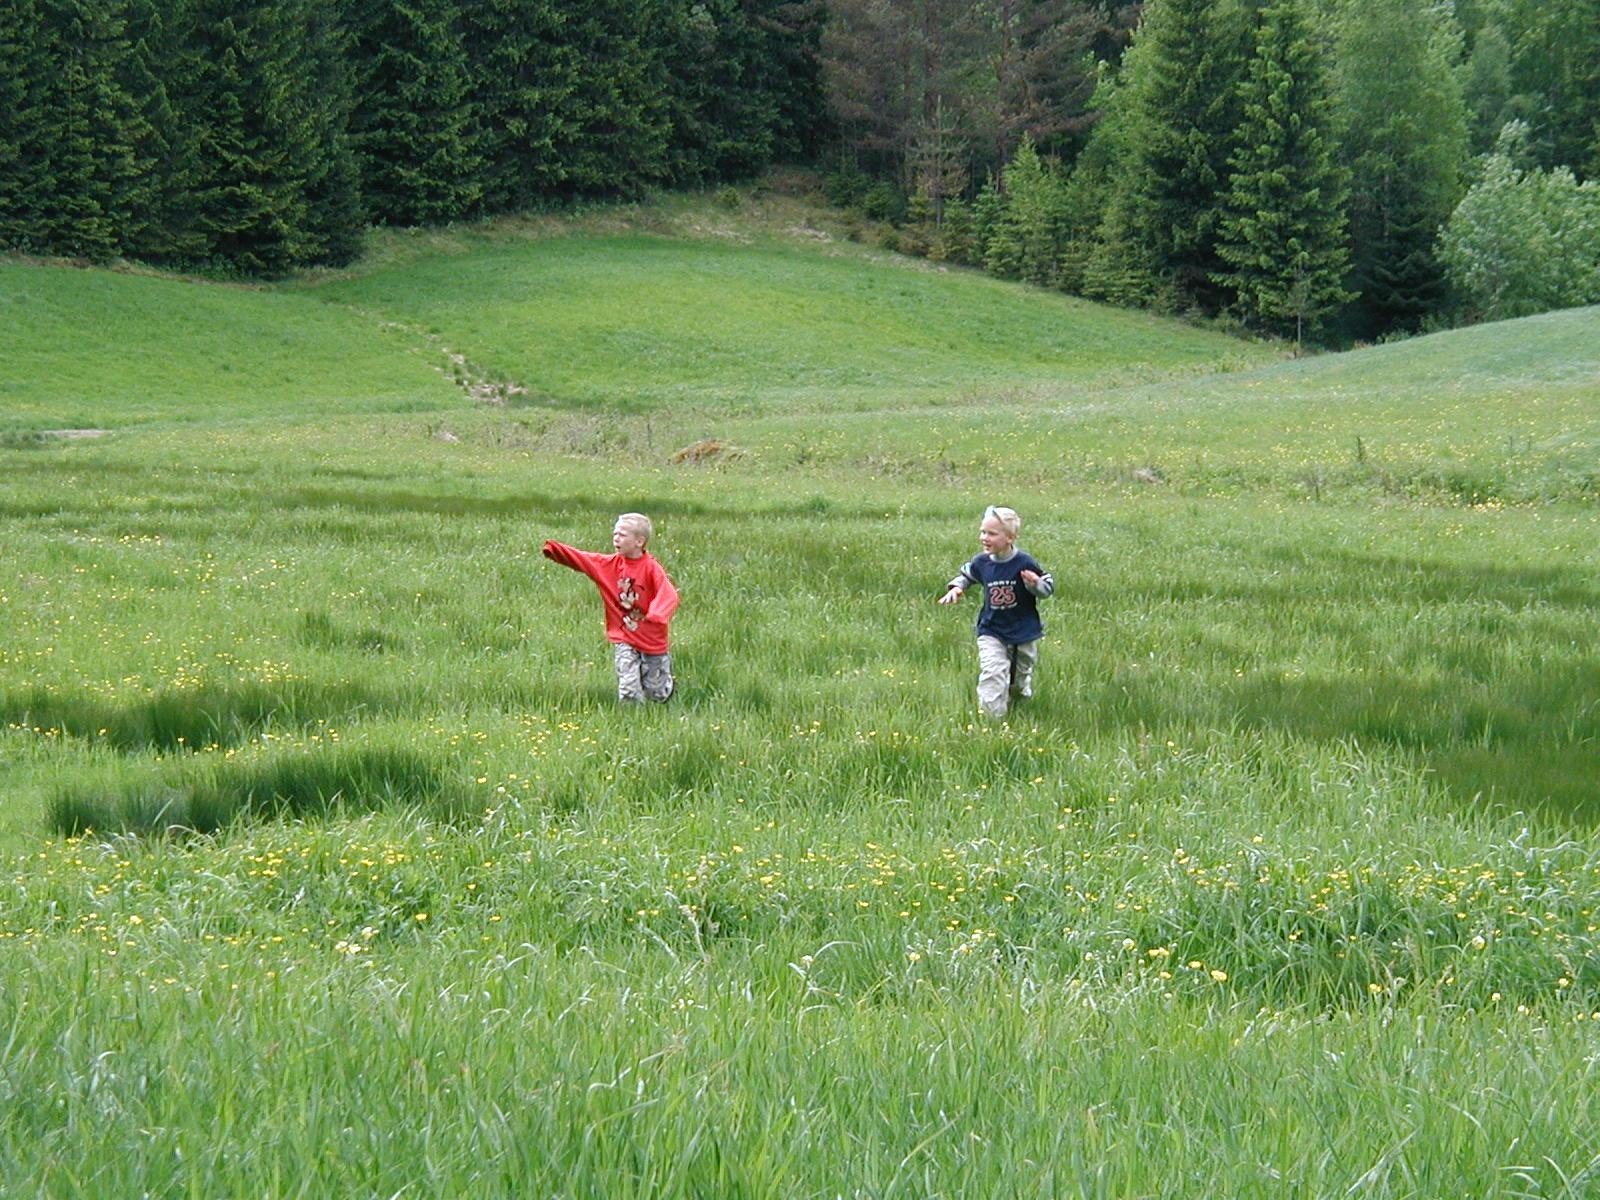 Med Svein & Martin 010615 - 012.JPG